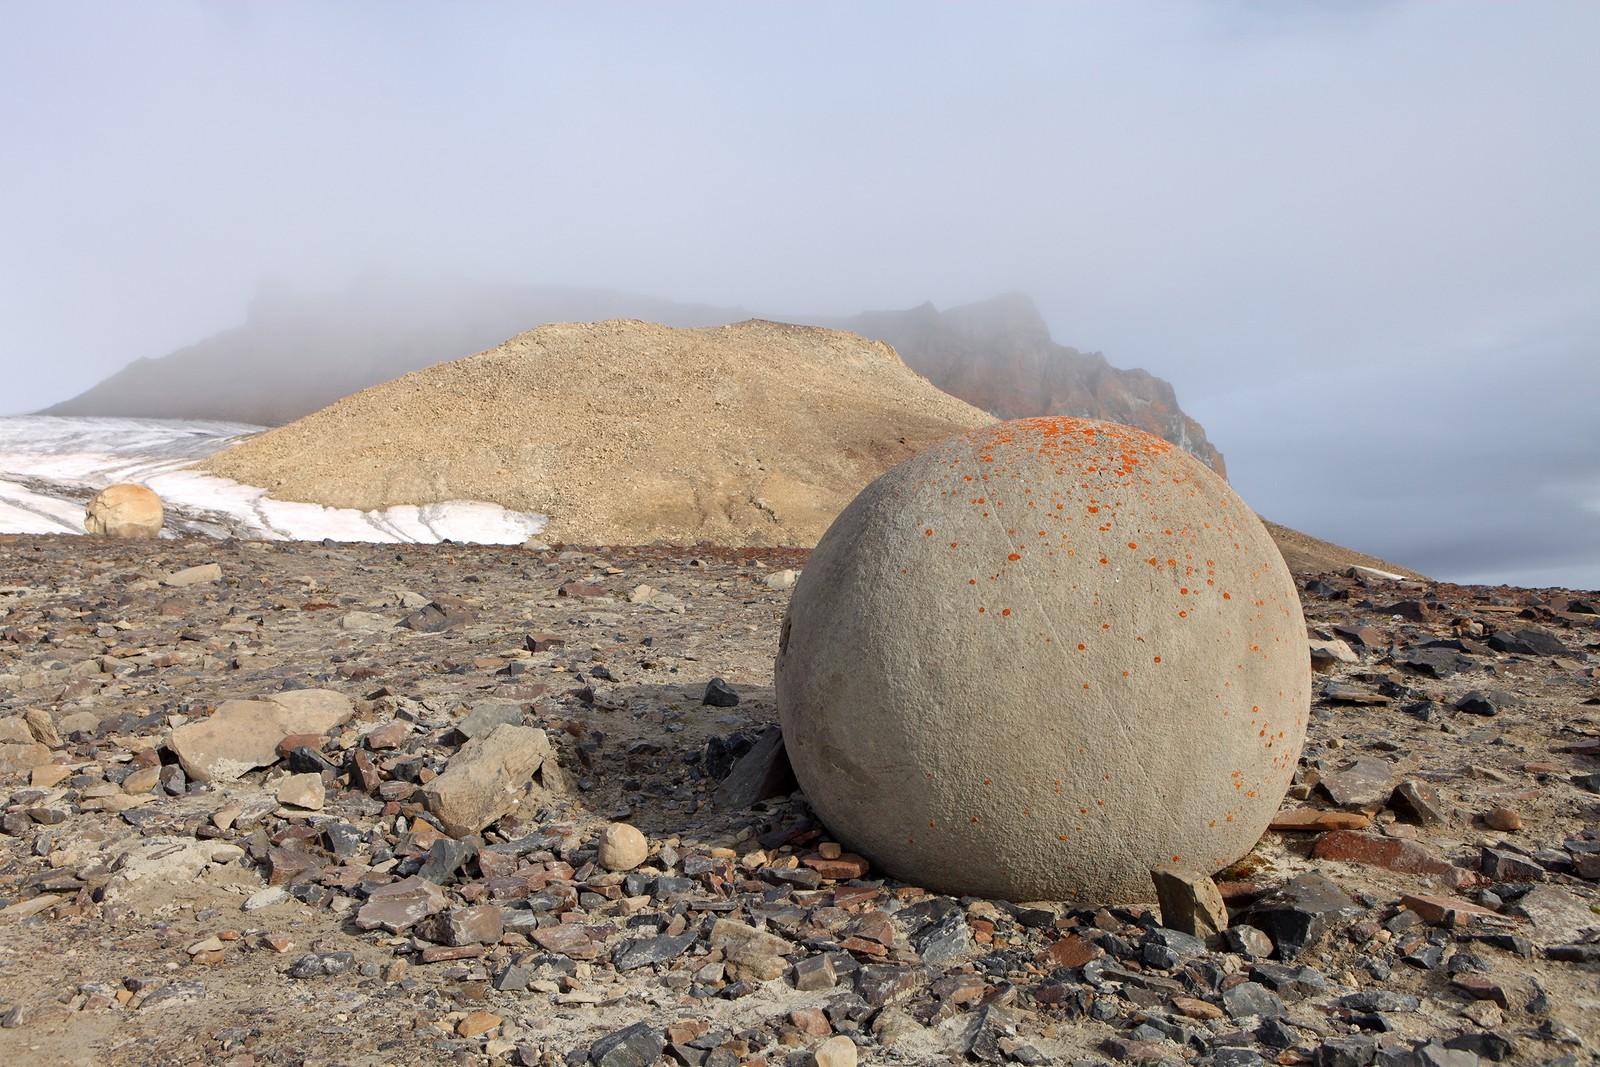 MYSTISK: Hvordan ble de runde steinene ved Champ Island til? Forskerne har mange teorier, men det finnes ennå ikke et fasitsvar.